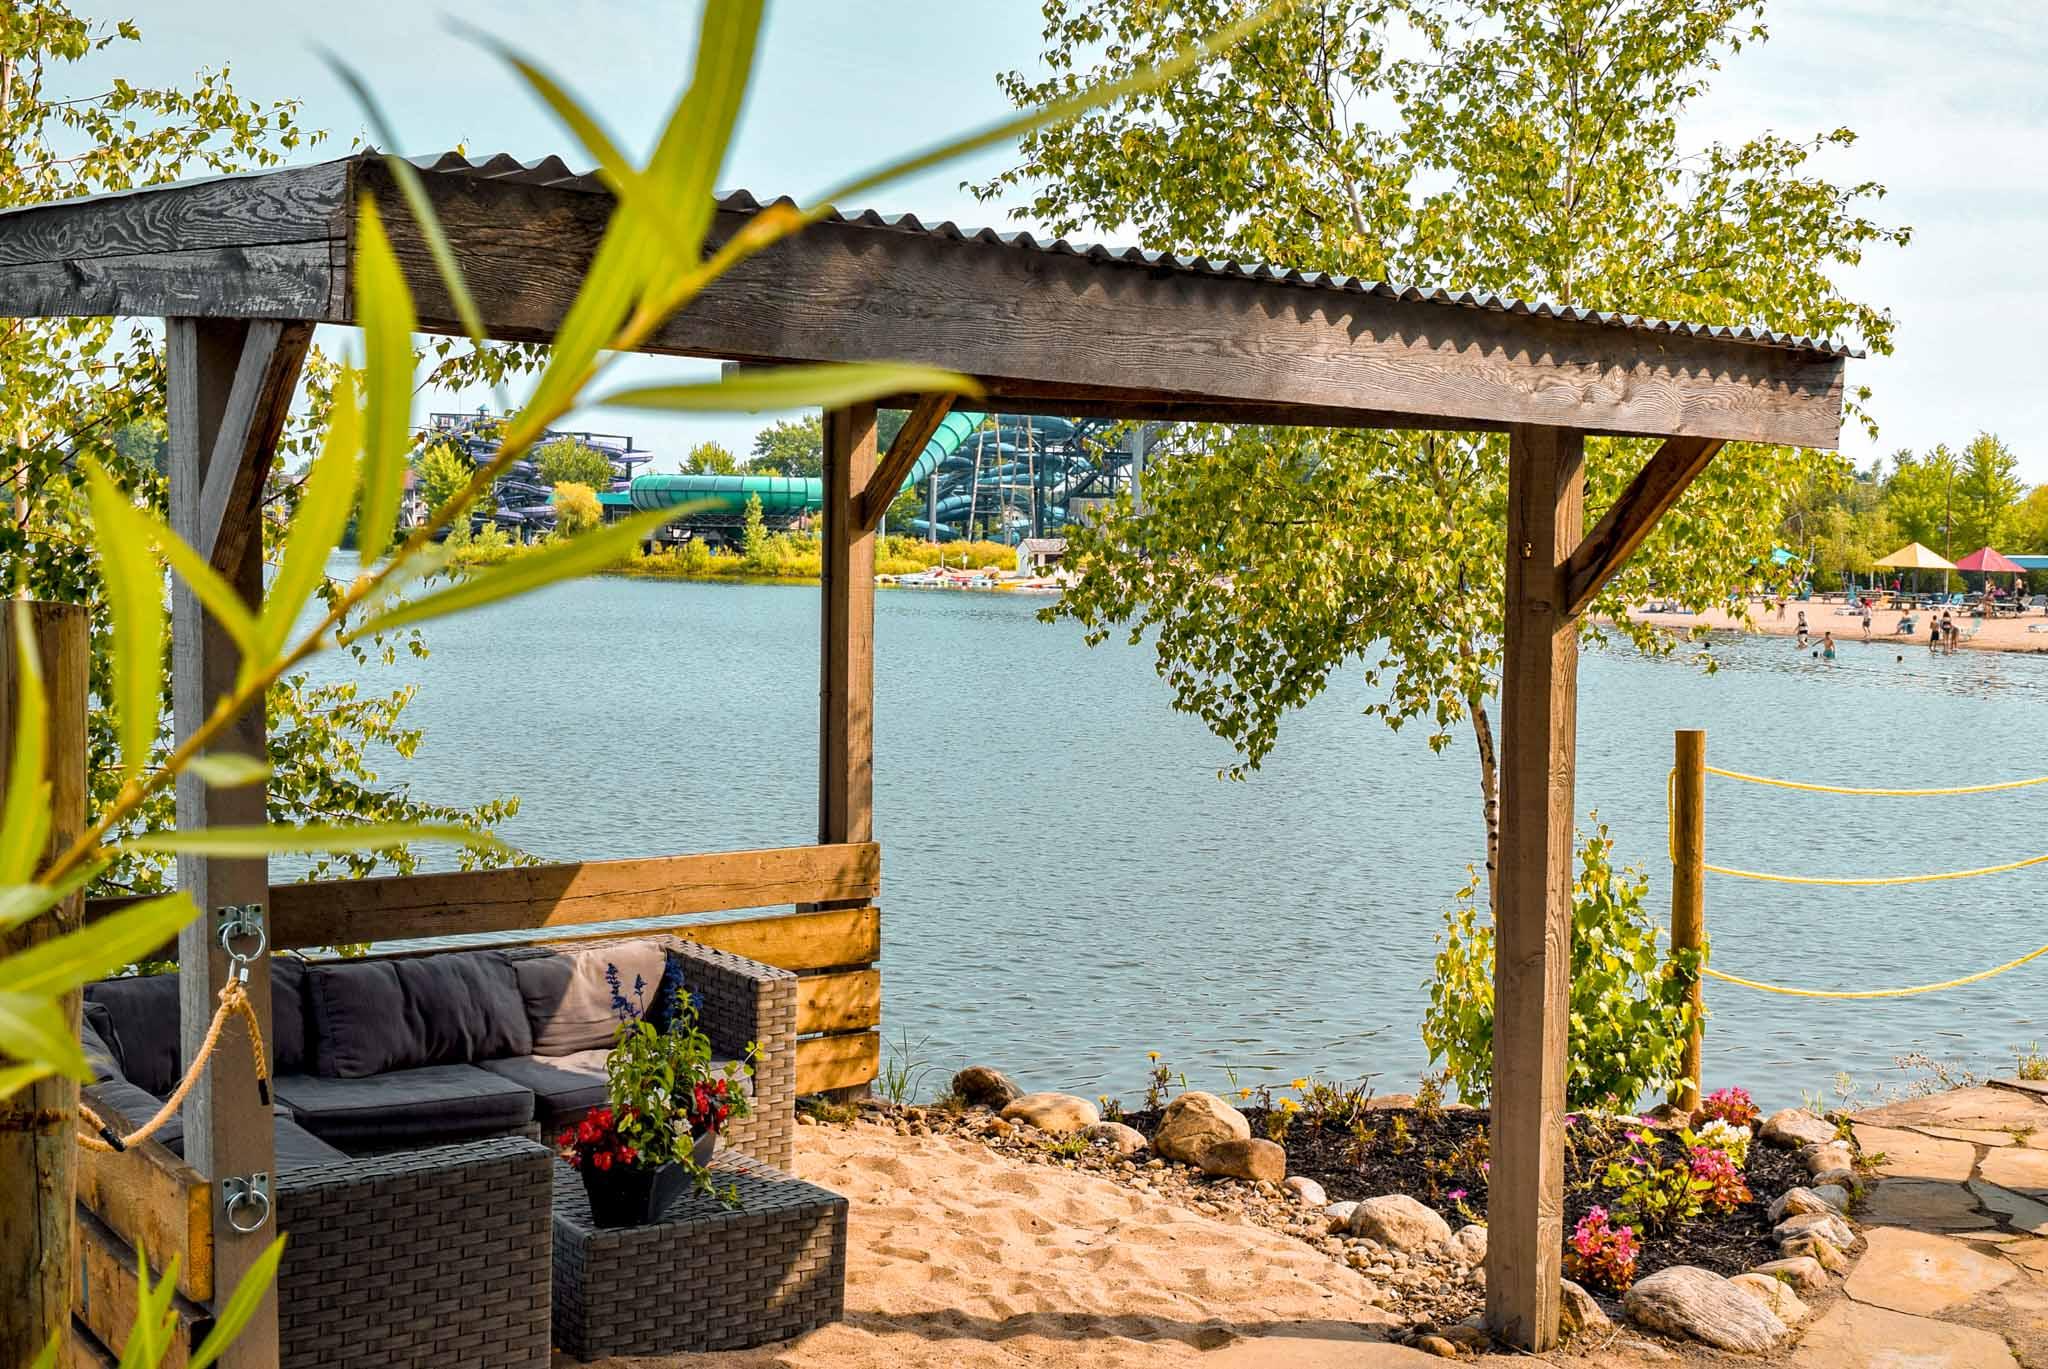 Cabana zen avec tables d'extérieur sur plage